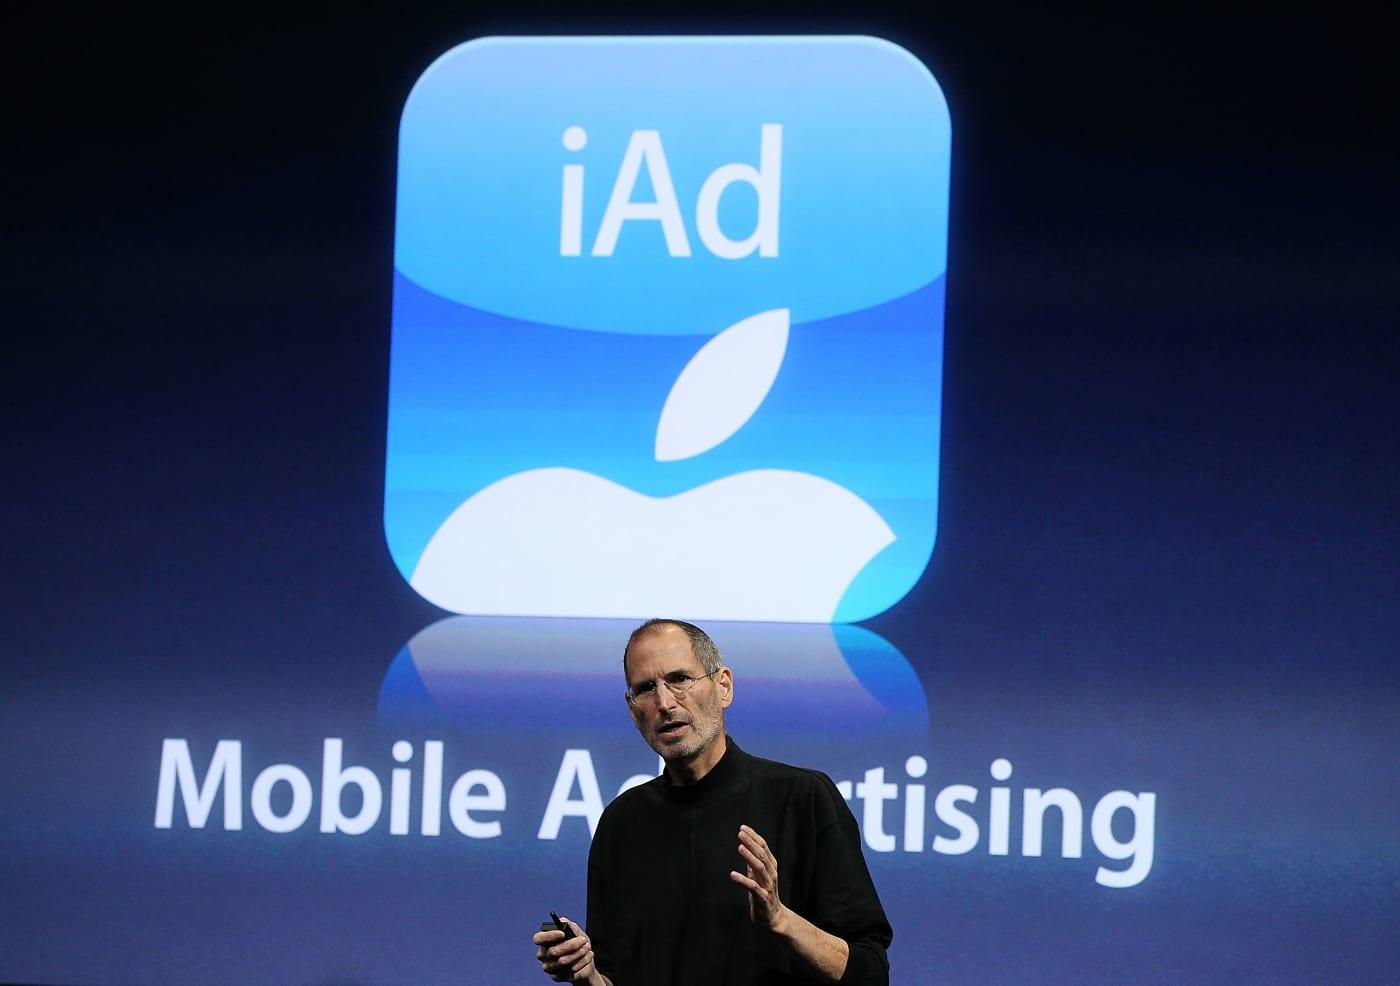 Apple 的 iAd 廣告平台將於 6 月 30 日關閉